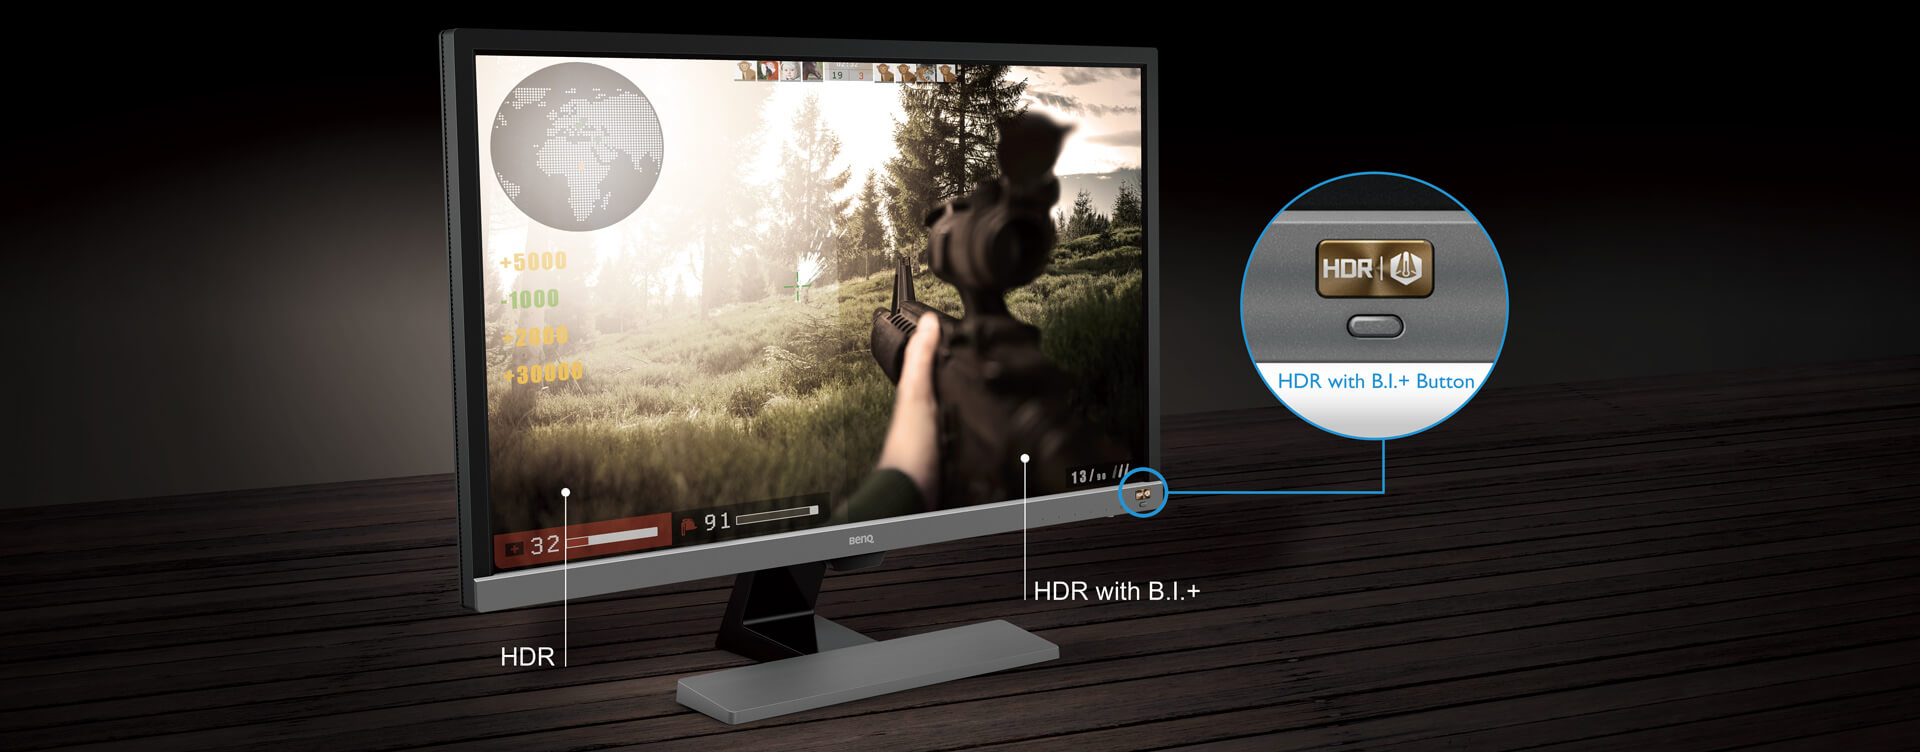 EL2870U 28 inch 4K HDR Gaming Monitor with FreeSync, 1ms GtG